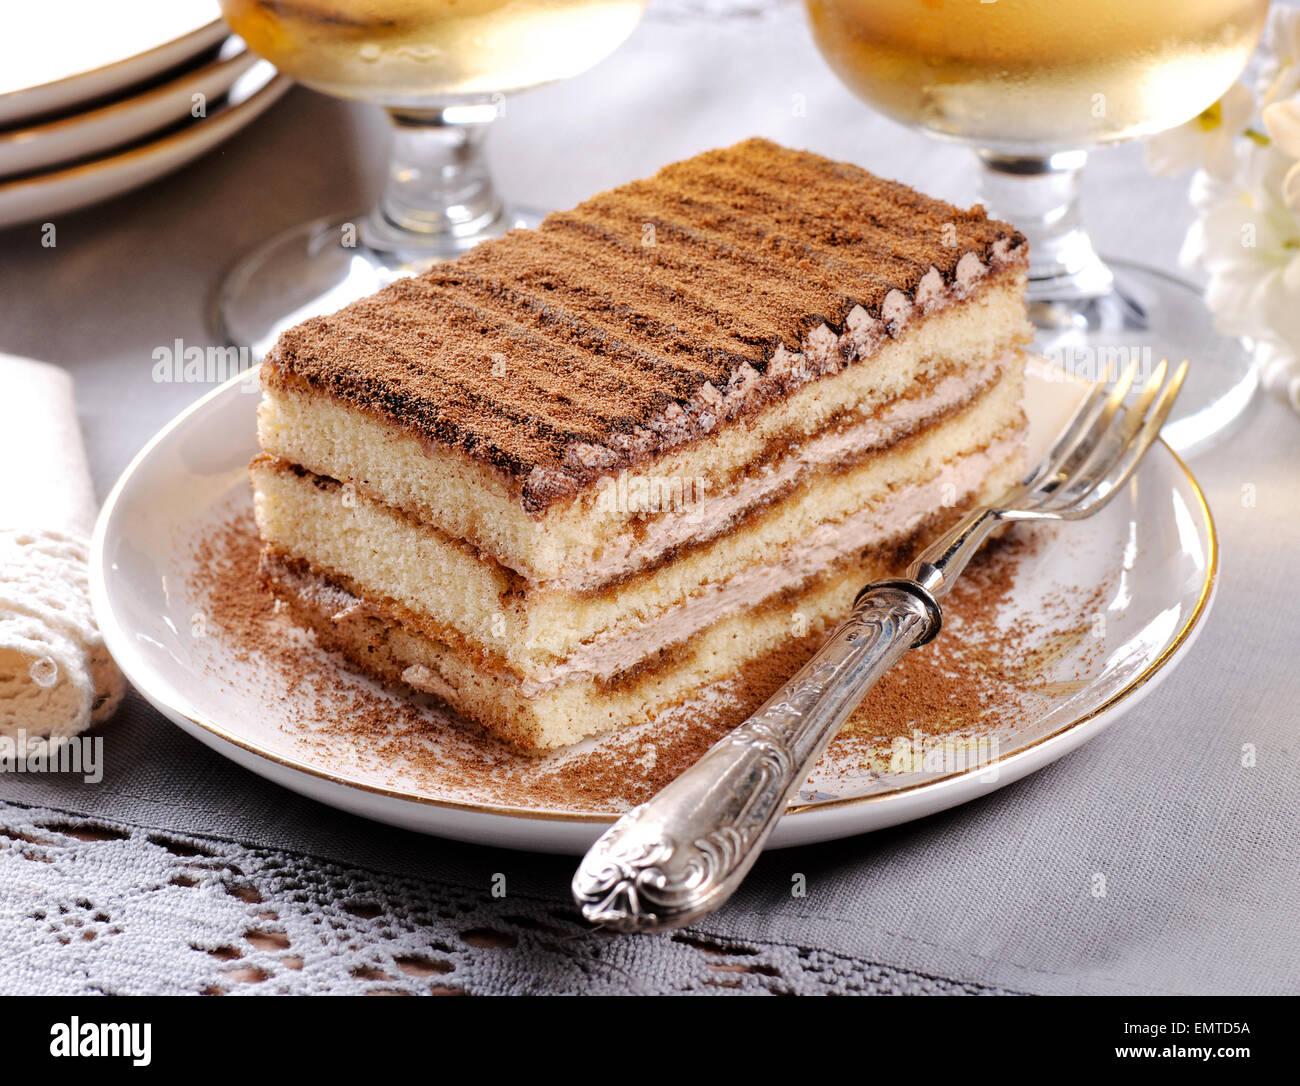 Tiramisu fait maison, un dessert italien traditionnel Photo Stock